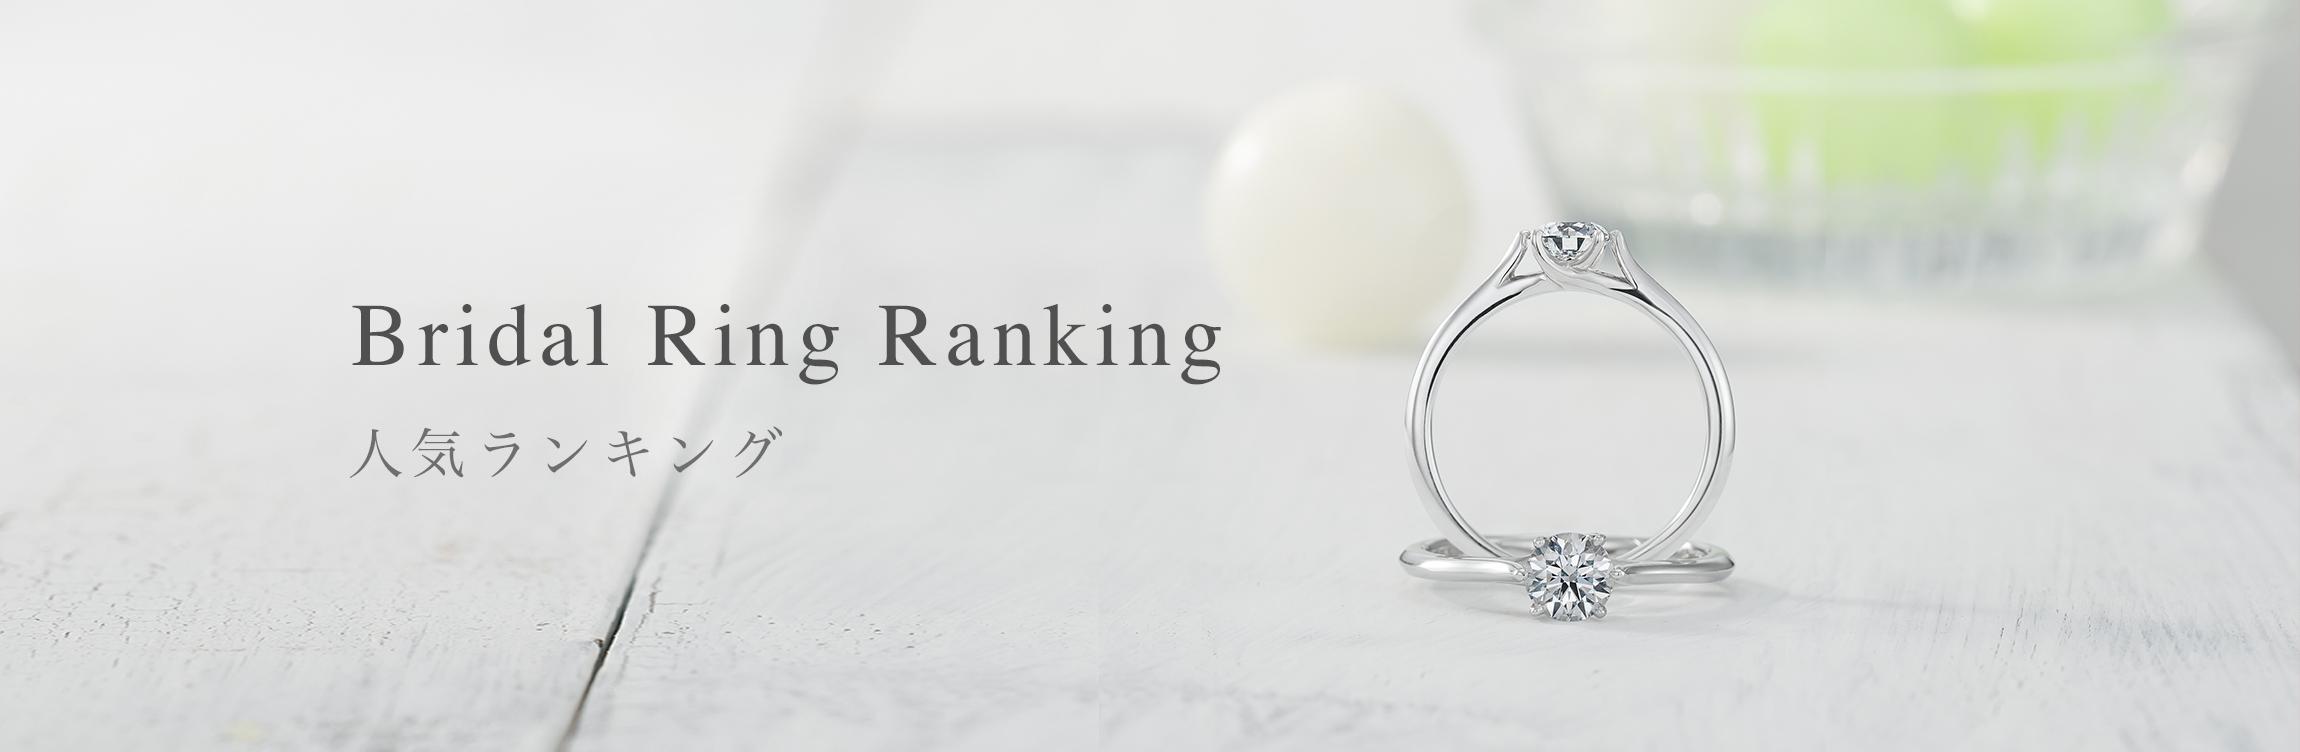 人気ランキング 婚約指輪 結婚指輪 男性人気